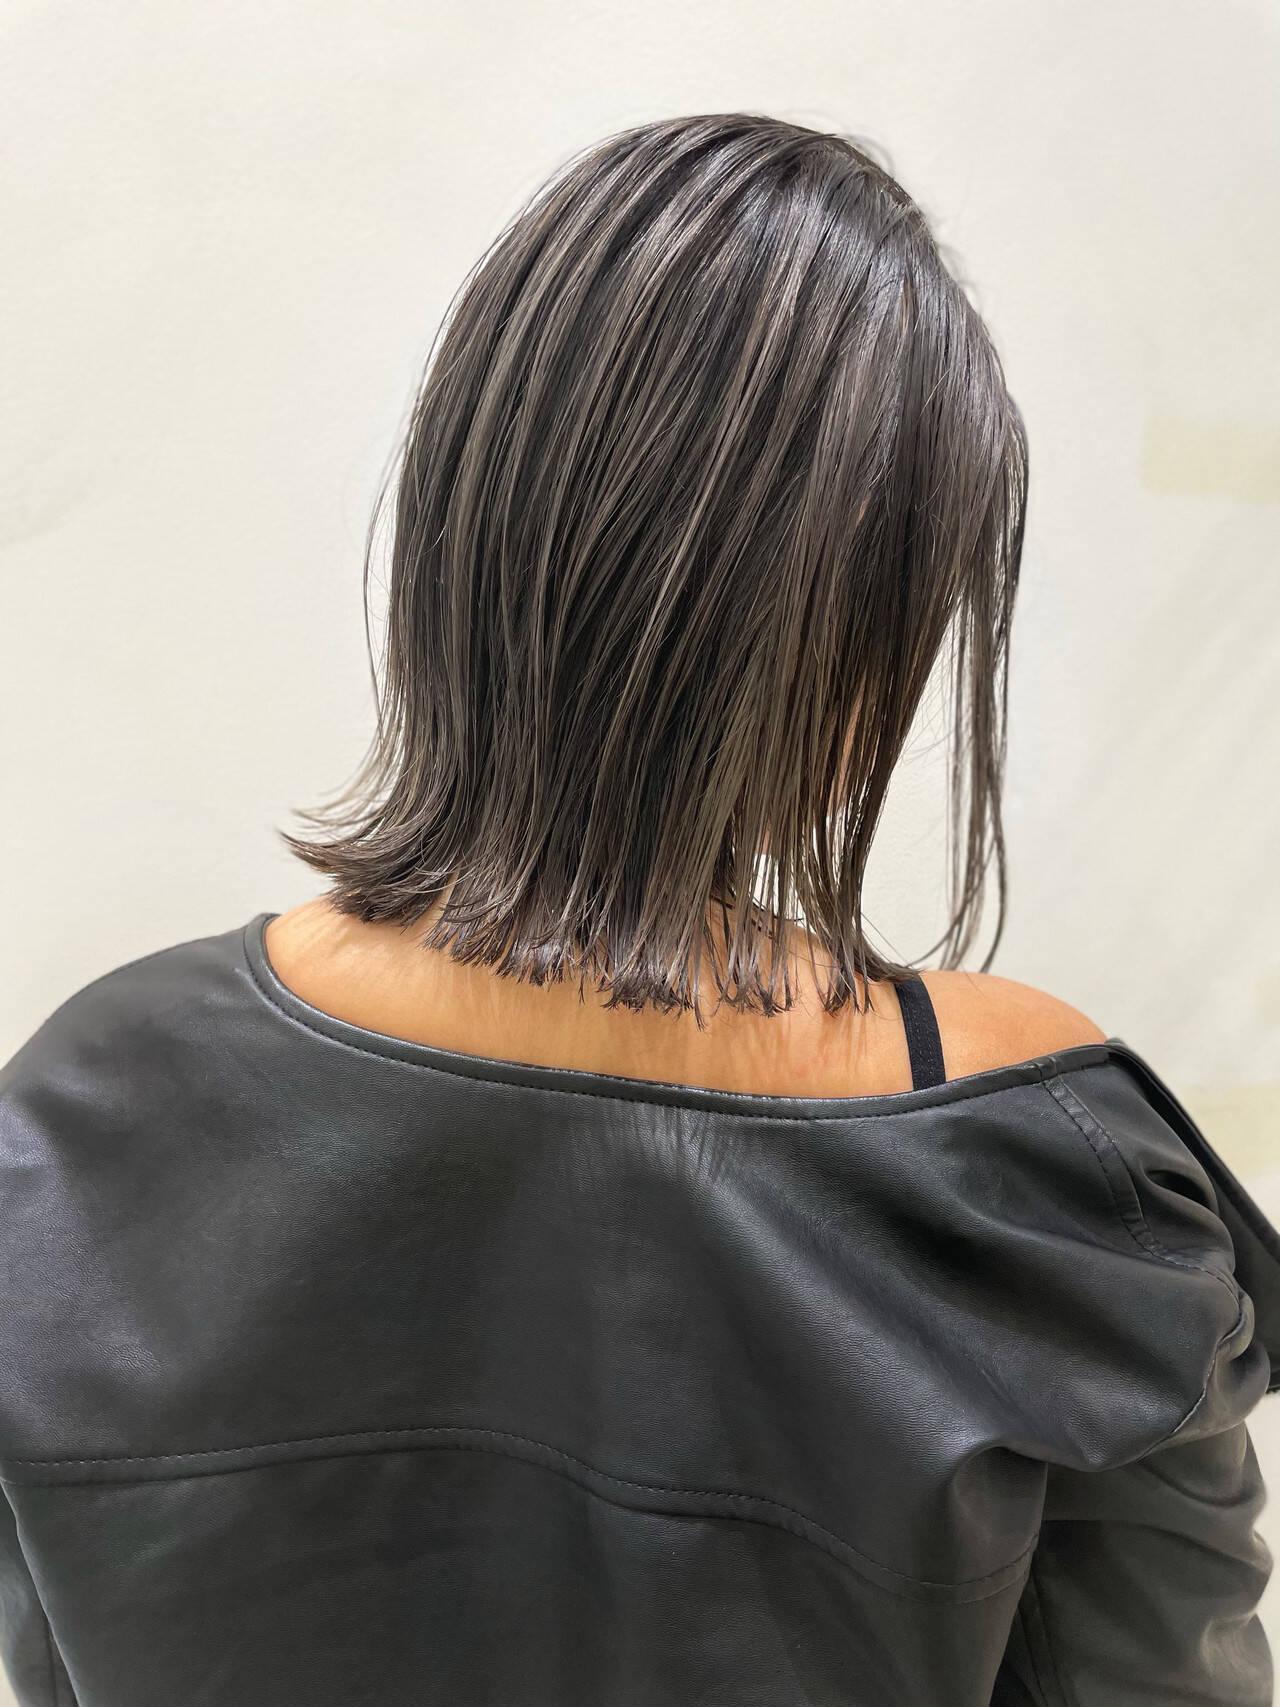 ハイライト 切りっぱなしボブ ナチュラル ボブヘアスタイルや髪型の写真・画像